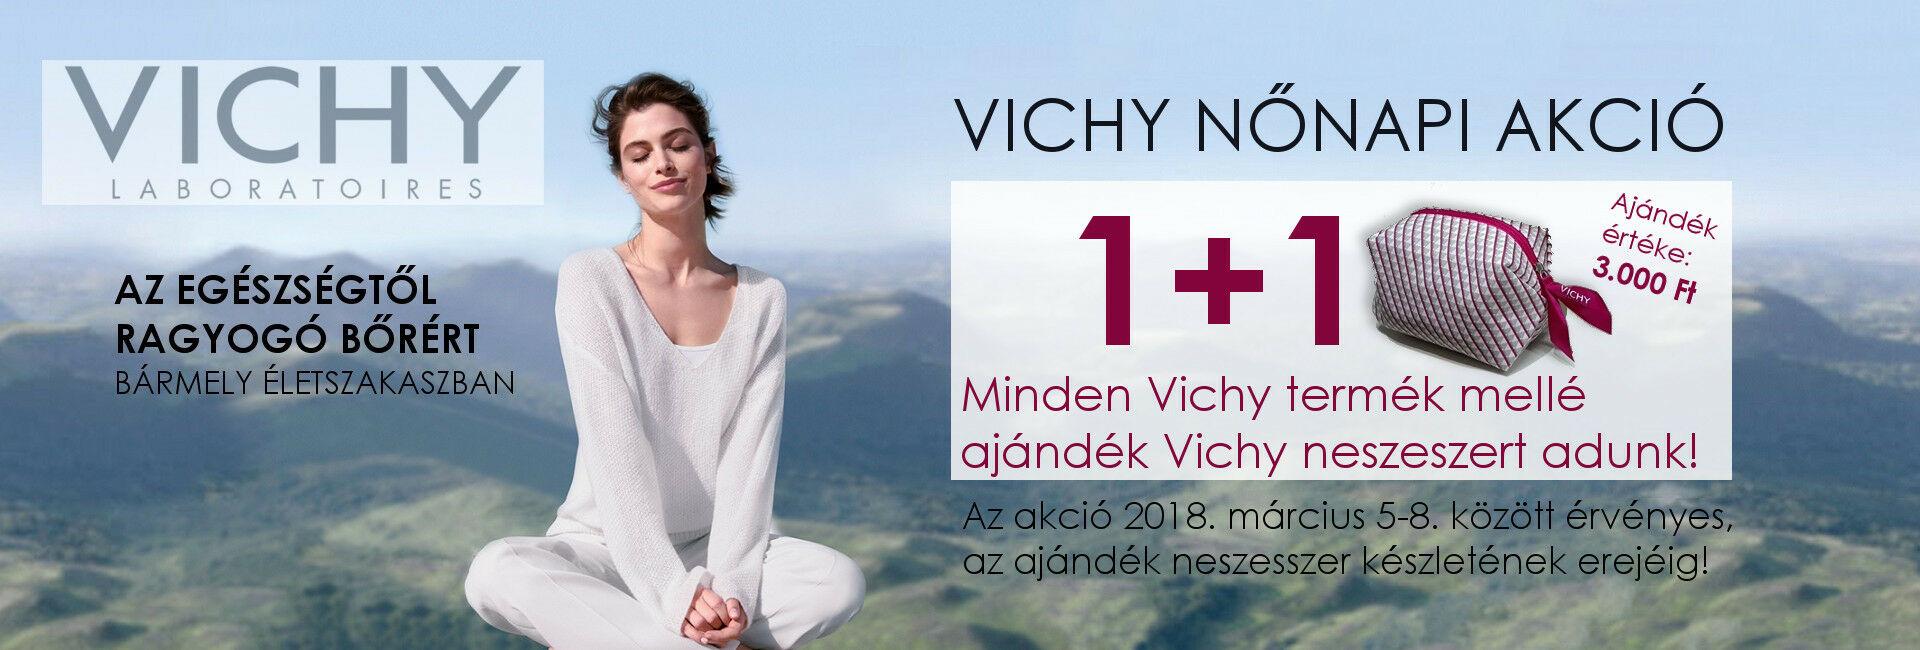 2018. március 5-8. között minden Vichy termék mellé exkluzív Vichy neszesszert adunk ajándékba 3.000 Ft értékben!